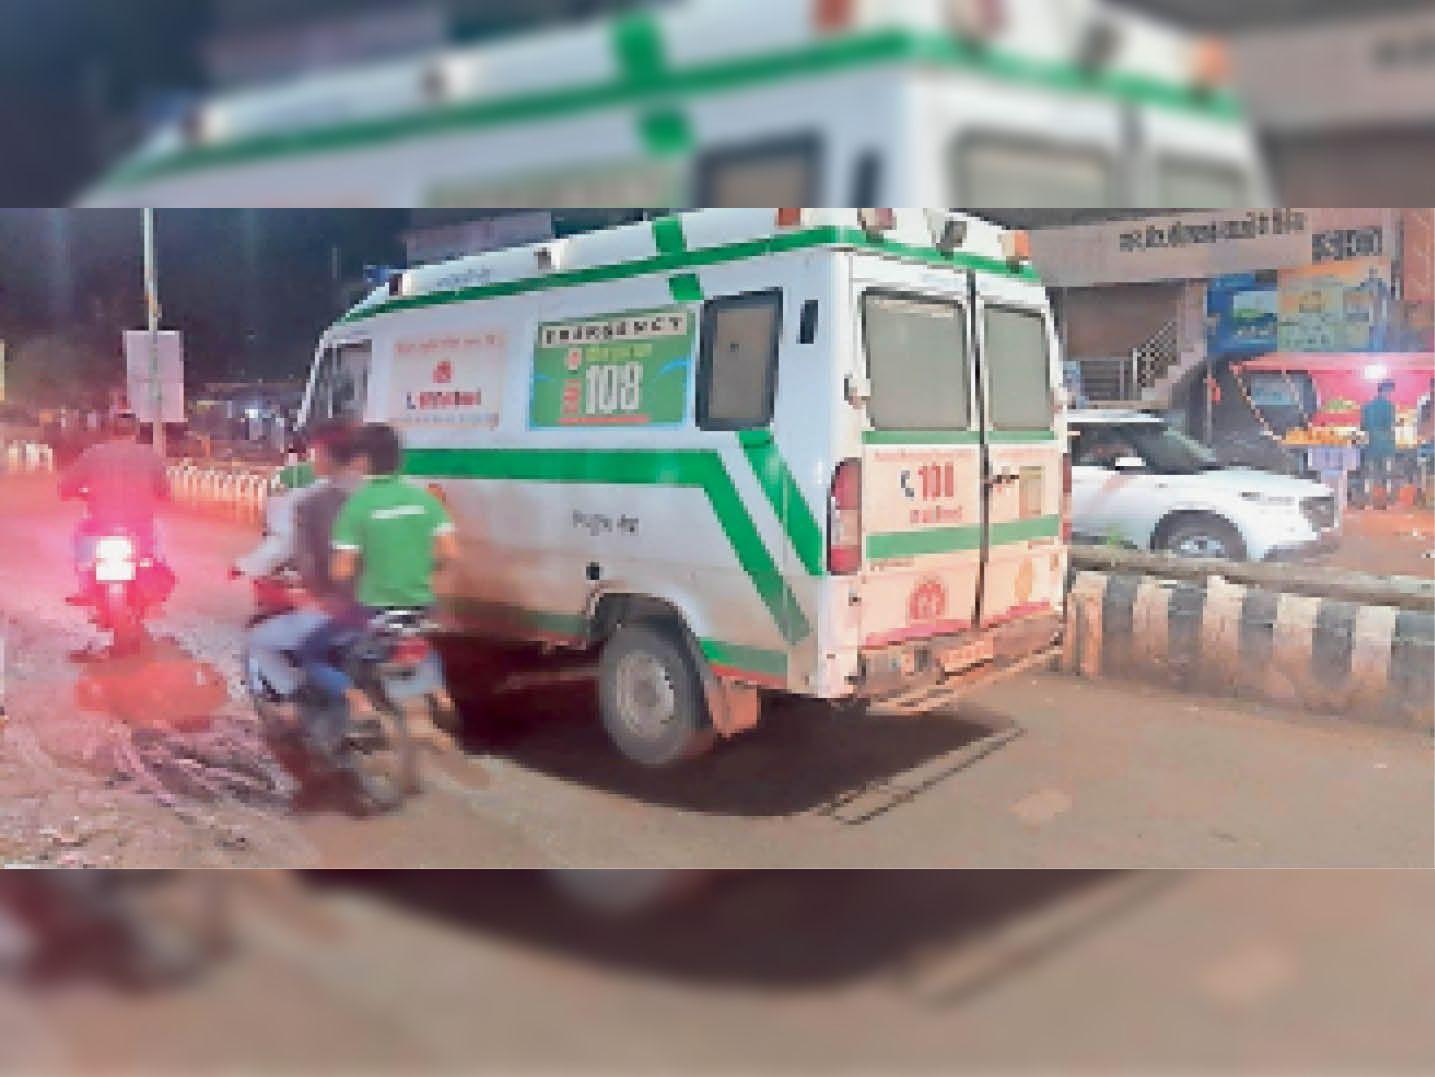 रात 9 बजकर 12 मिनट पर सड़क के गड्ढे में फंसा एंबुलेंस का पहिया। - Dainik Bhaskar